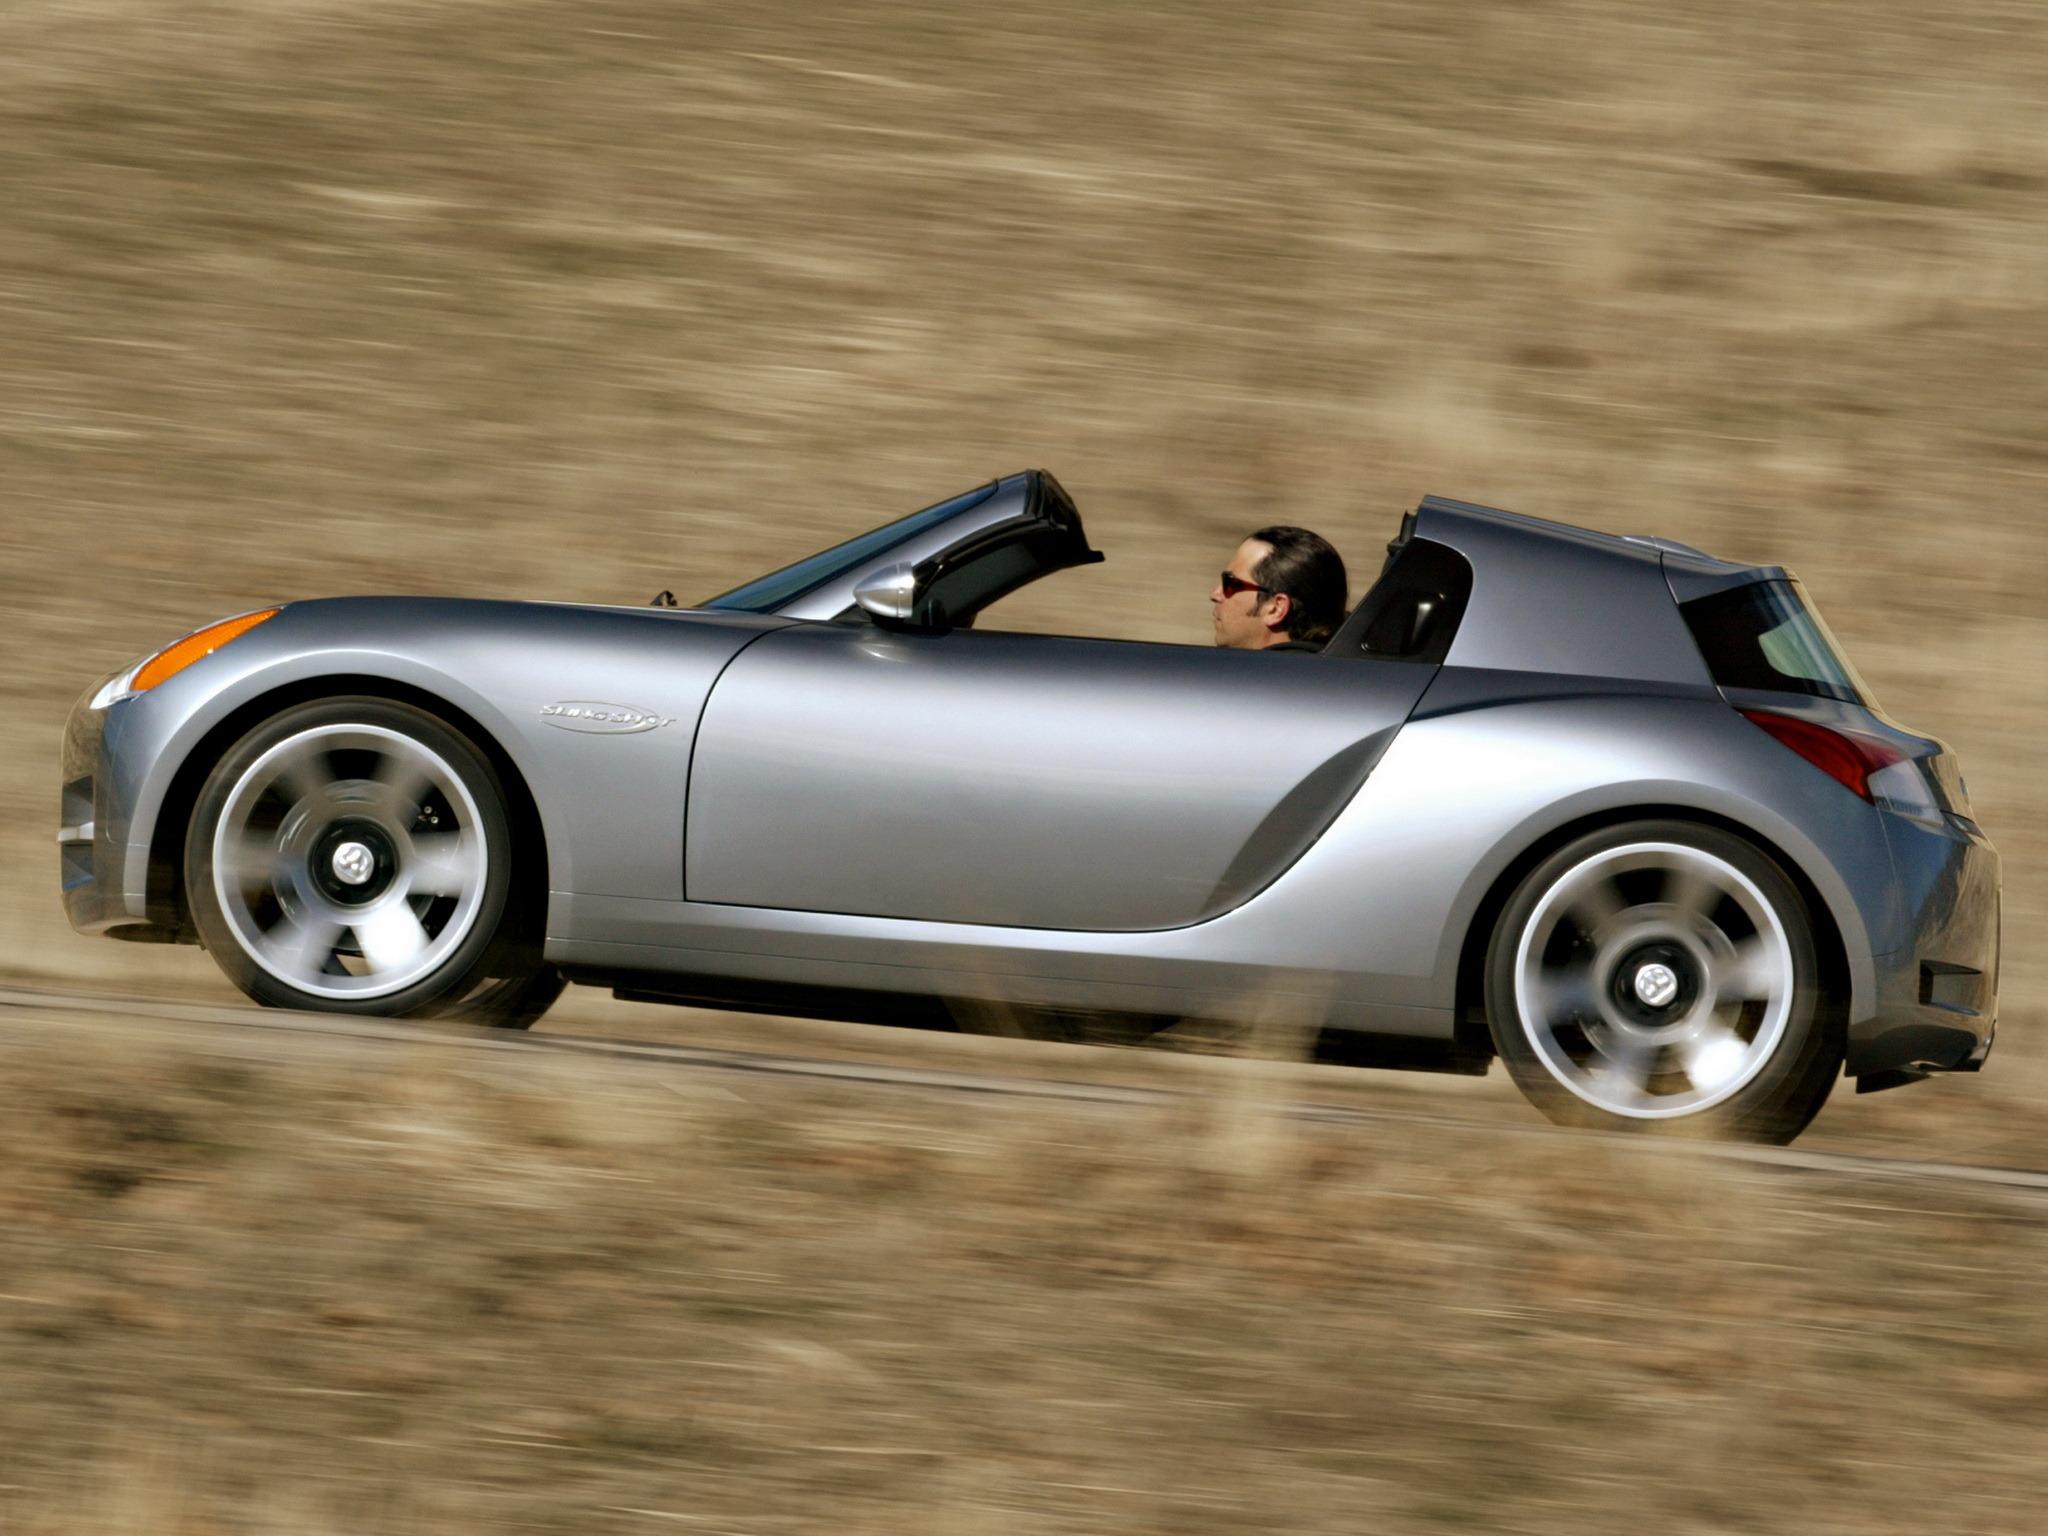 Saab Dealer Near Me >> Dodge Sling Shot Concept (2004) - Old Concept Cars